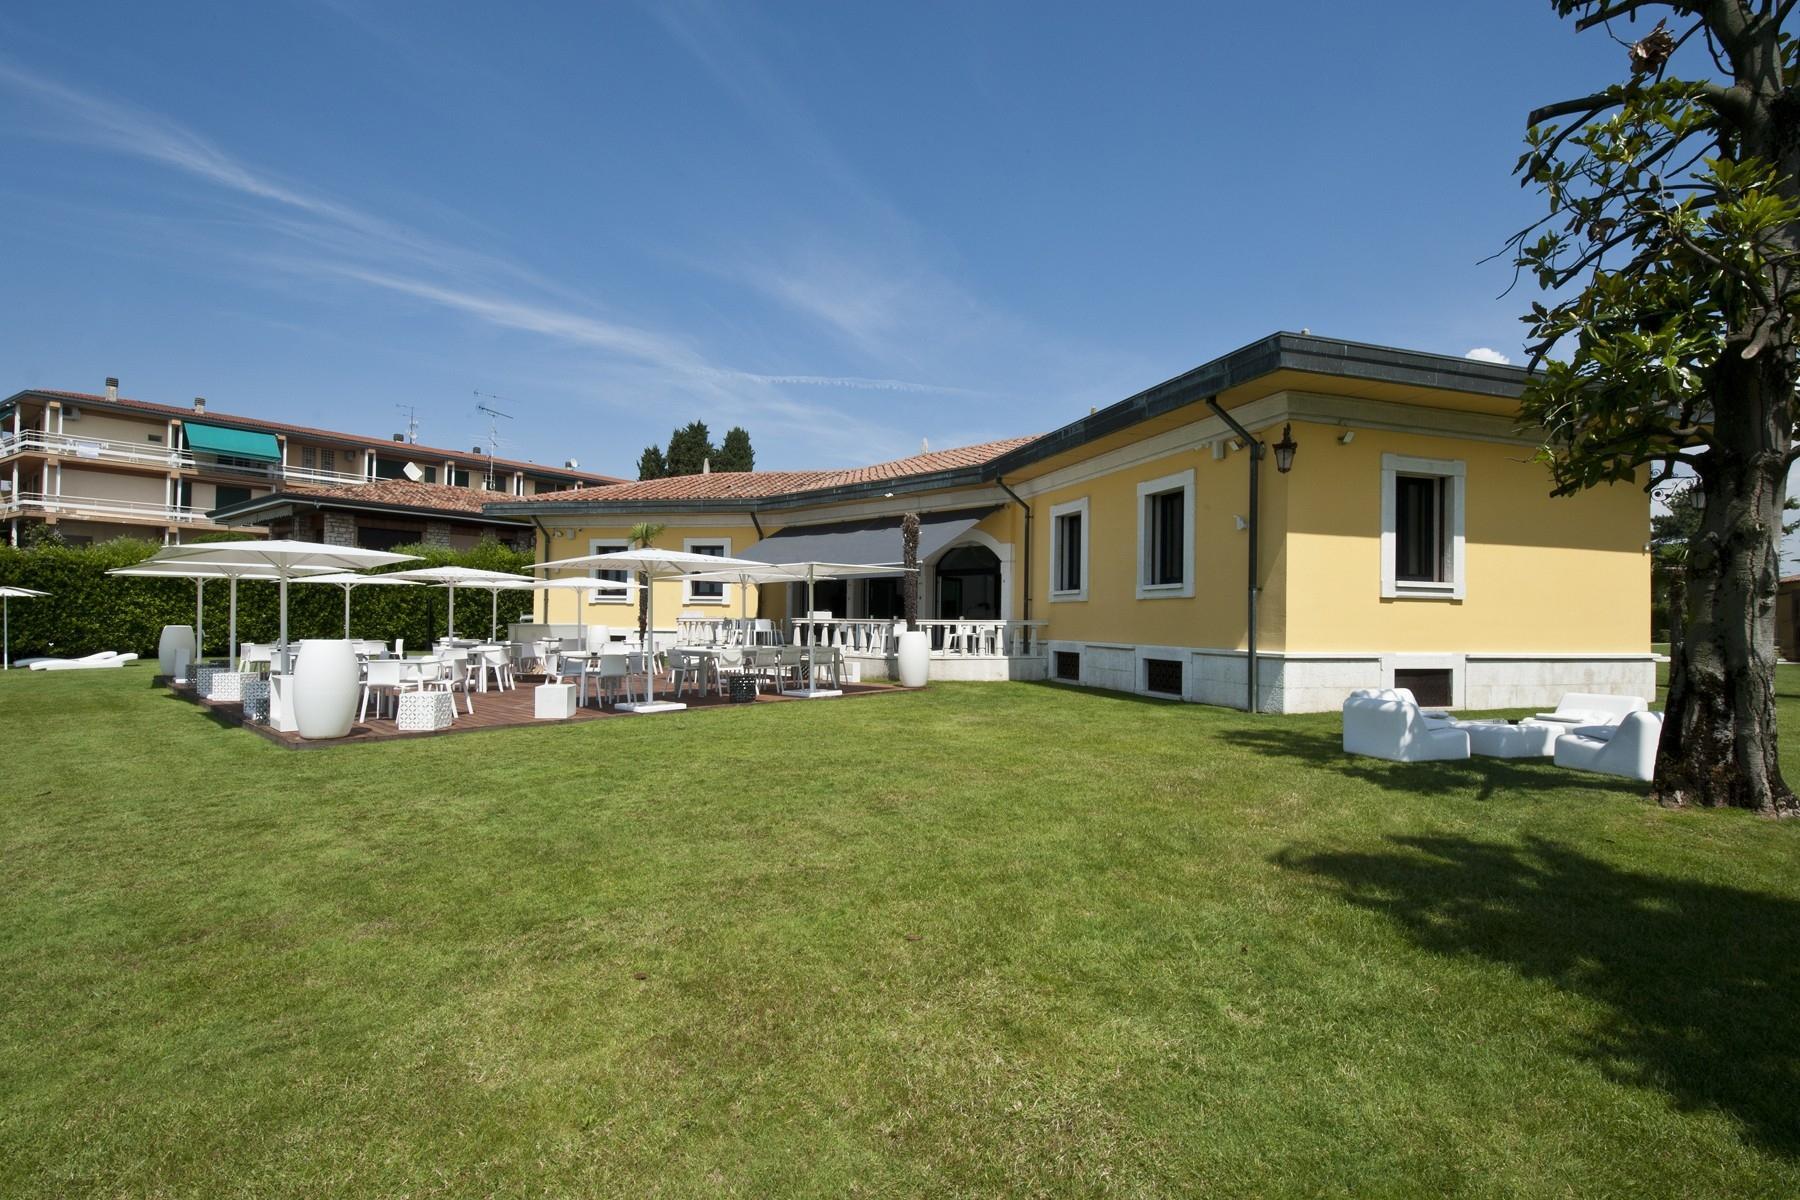 Einzigartige Pied dans l'Eau-Villa in Sirmione, mit Strand und Liegeplatz - 8